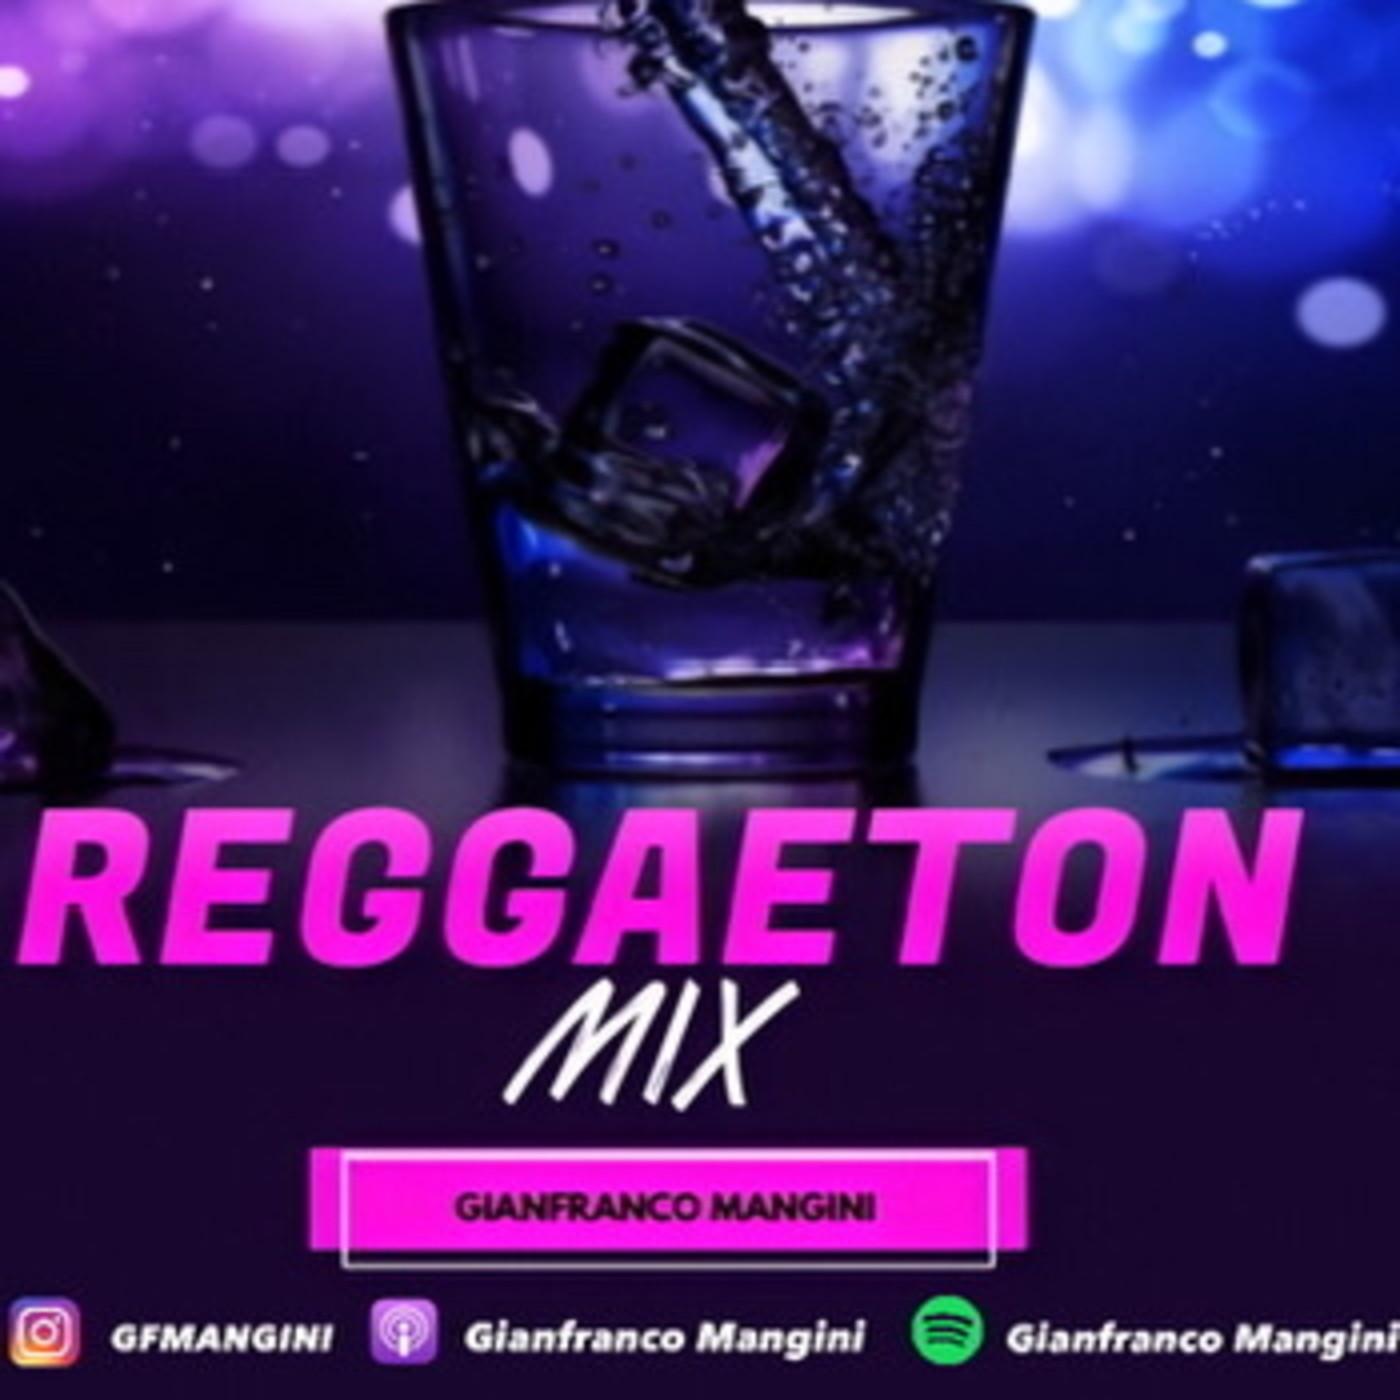 Reggaeton romantic style